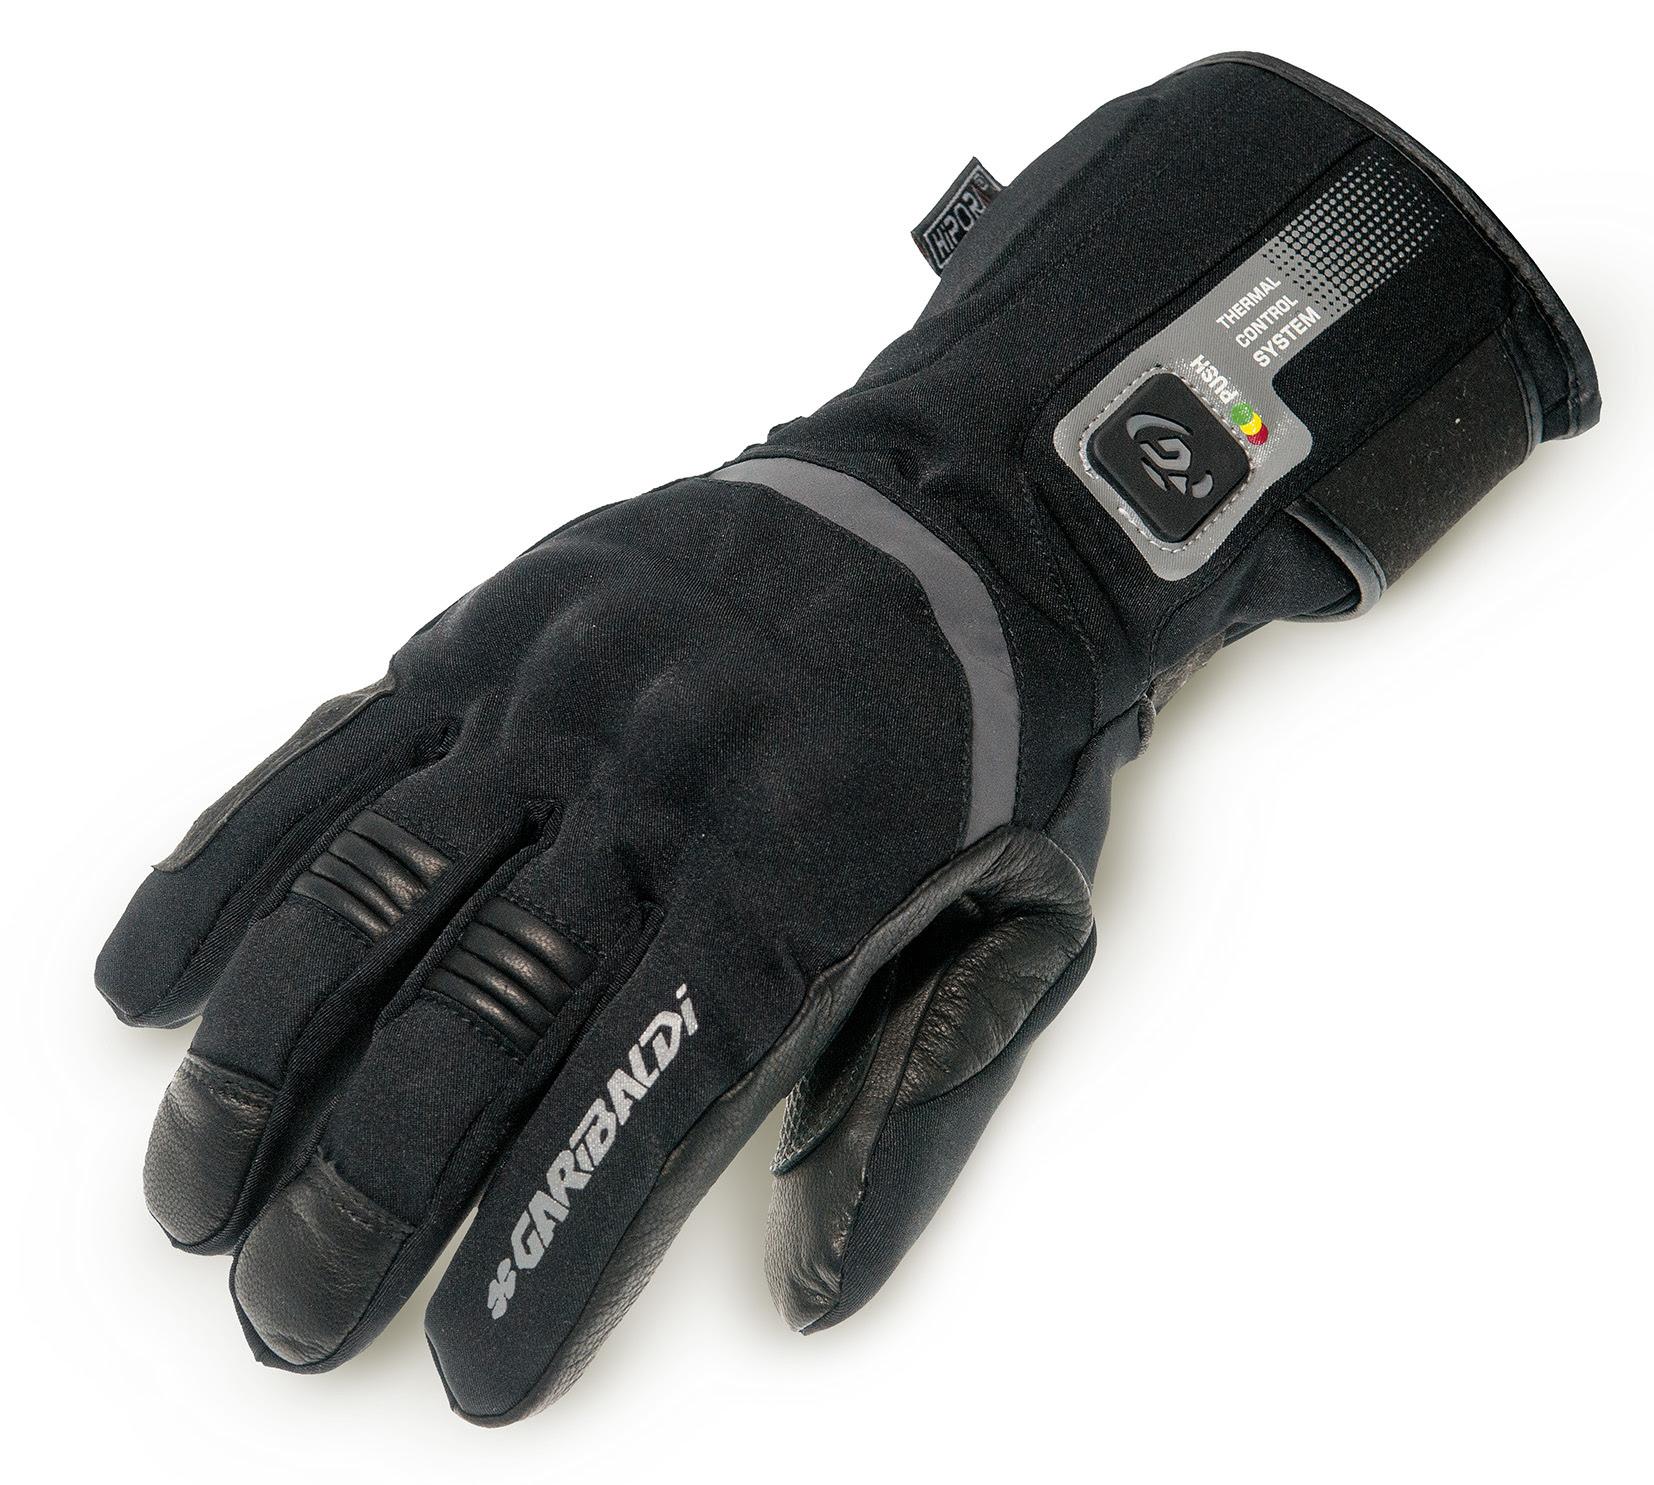 Garibaldi presenta sus nuevos guantes calefactables para moto